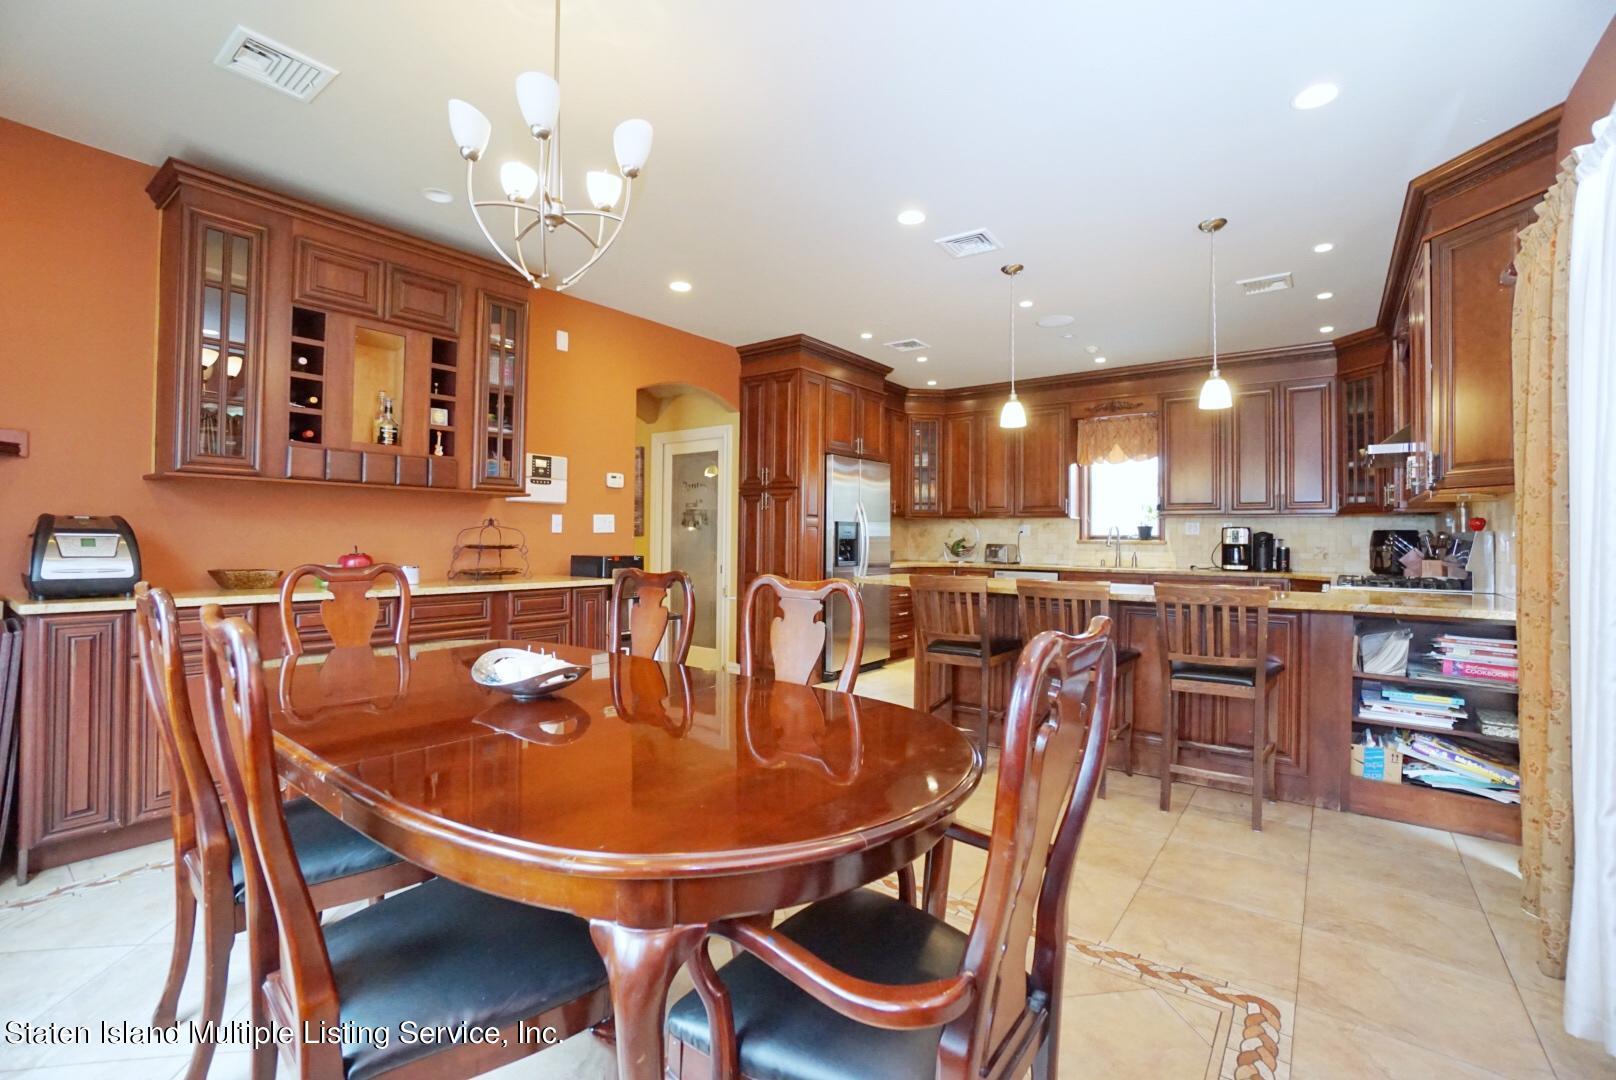 Single Family - Detached 206 Ramapo Avenue  Staten Island, NY 10309, MLS-1147193-11